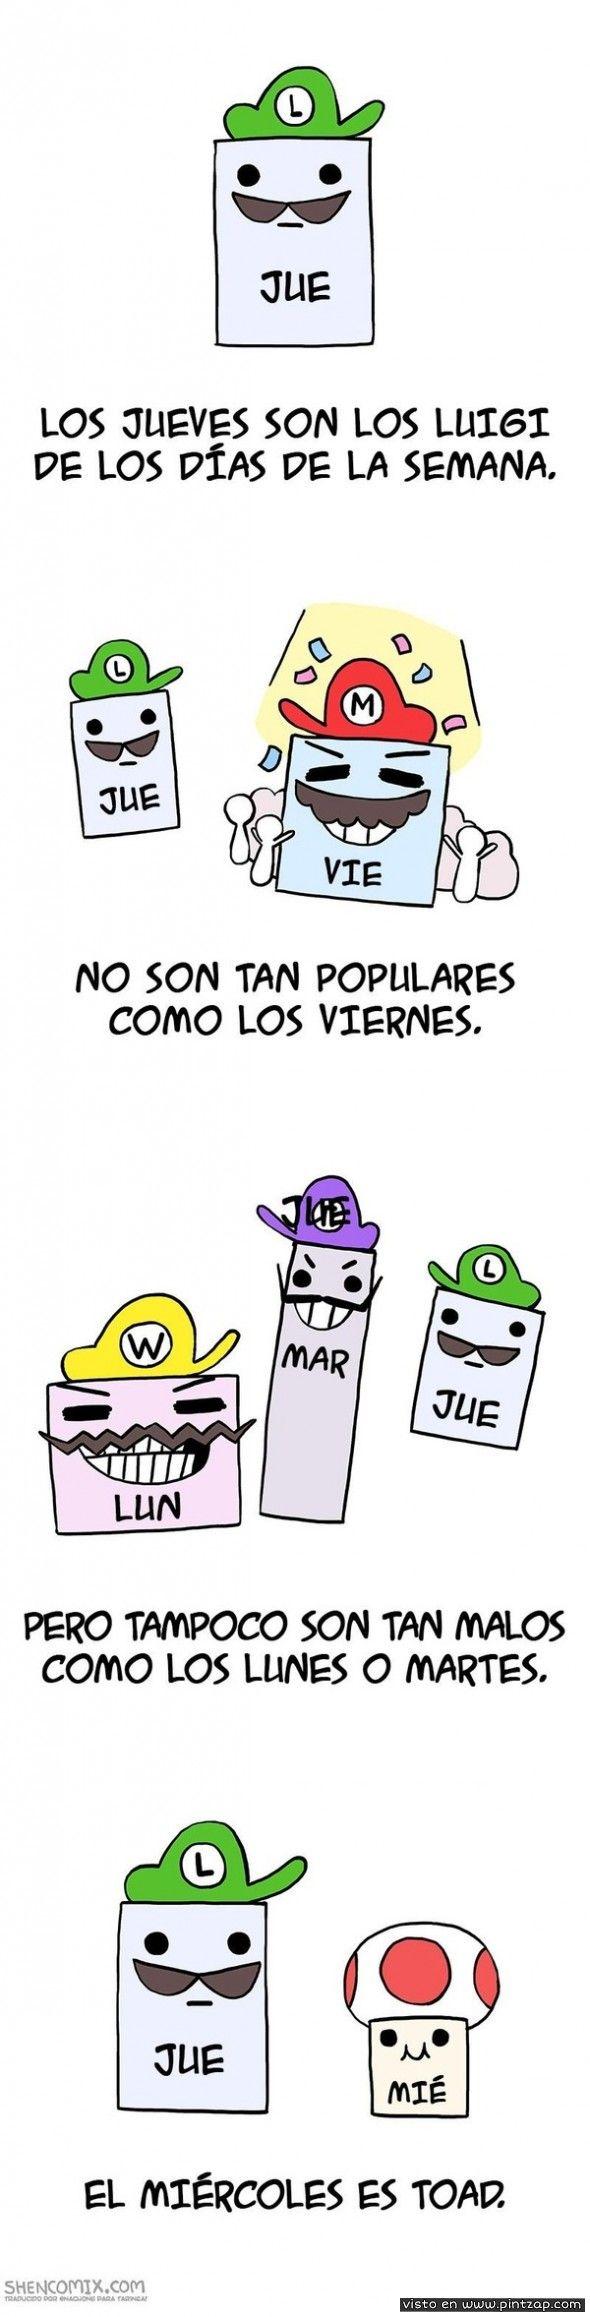 Los Jueves Son Los Luigi De Los Dias De La Semana Memes Divertidos Memes Chistes Y Bromas